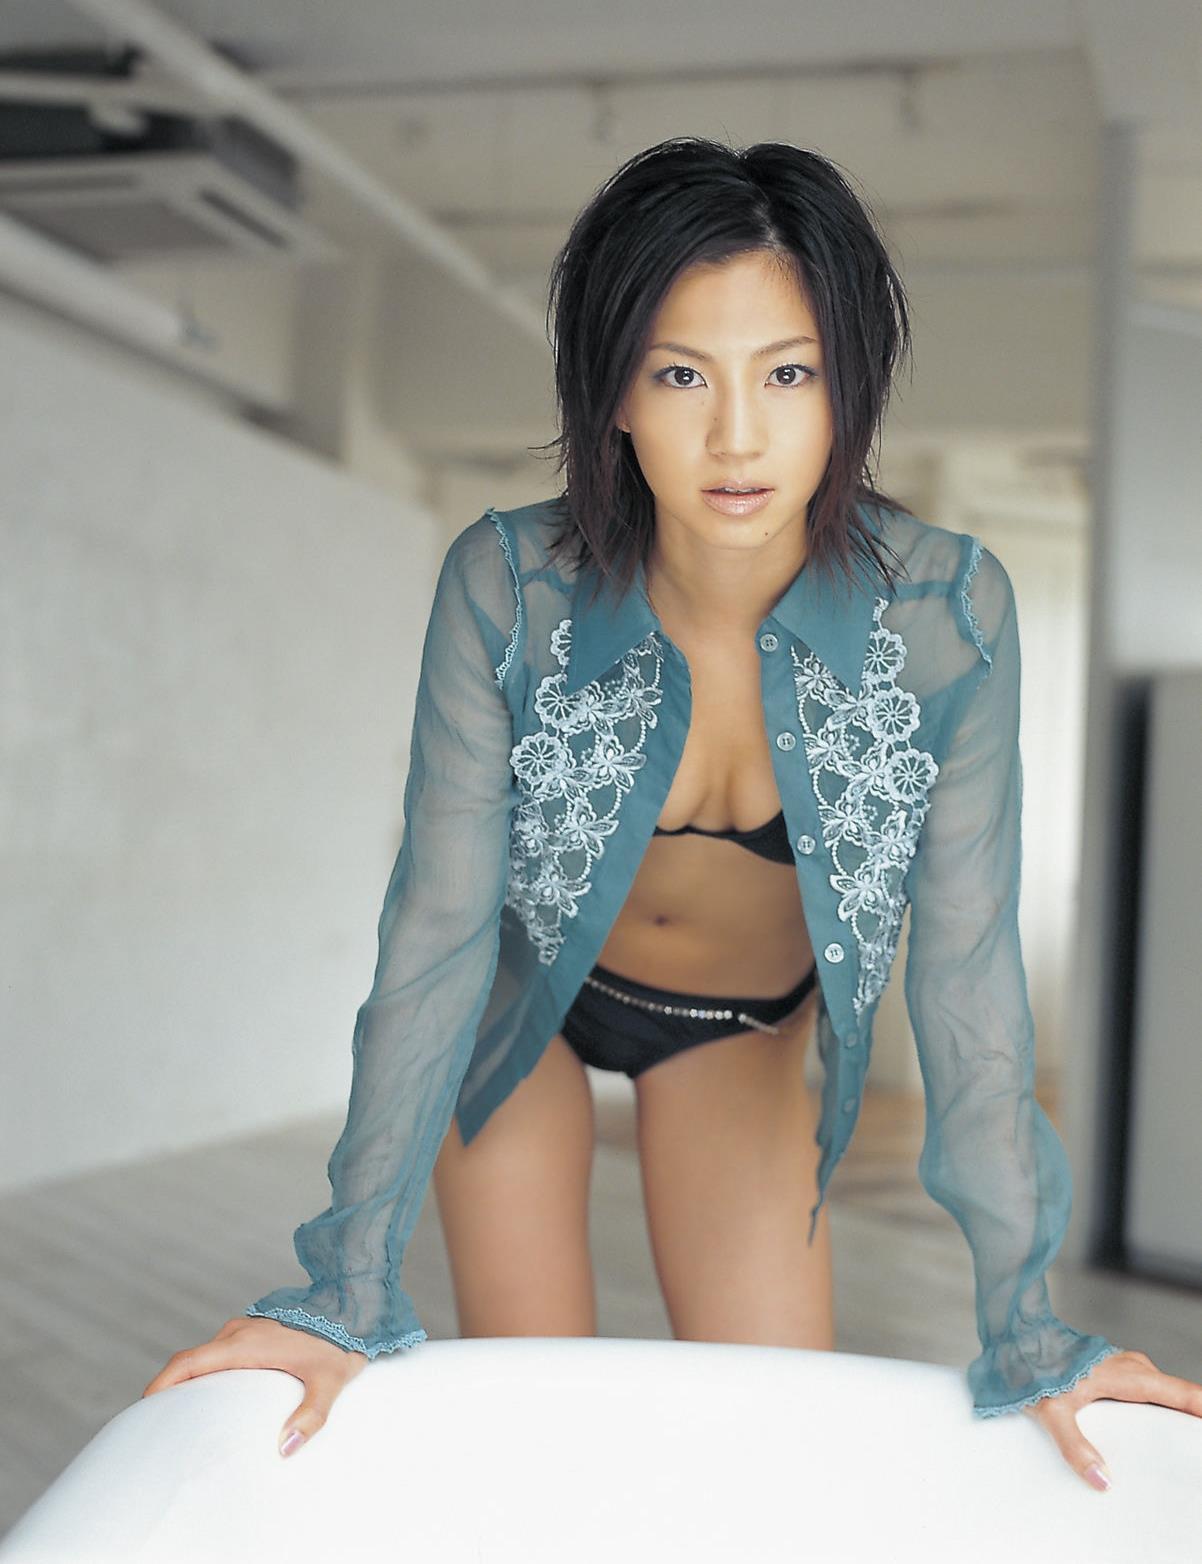 安田美沙子 画像 69